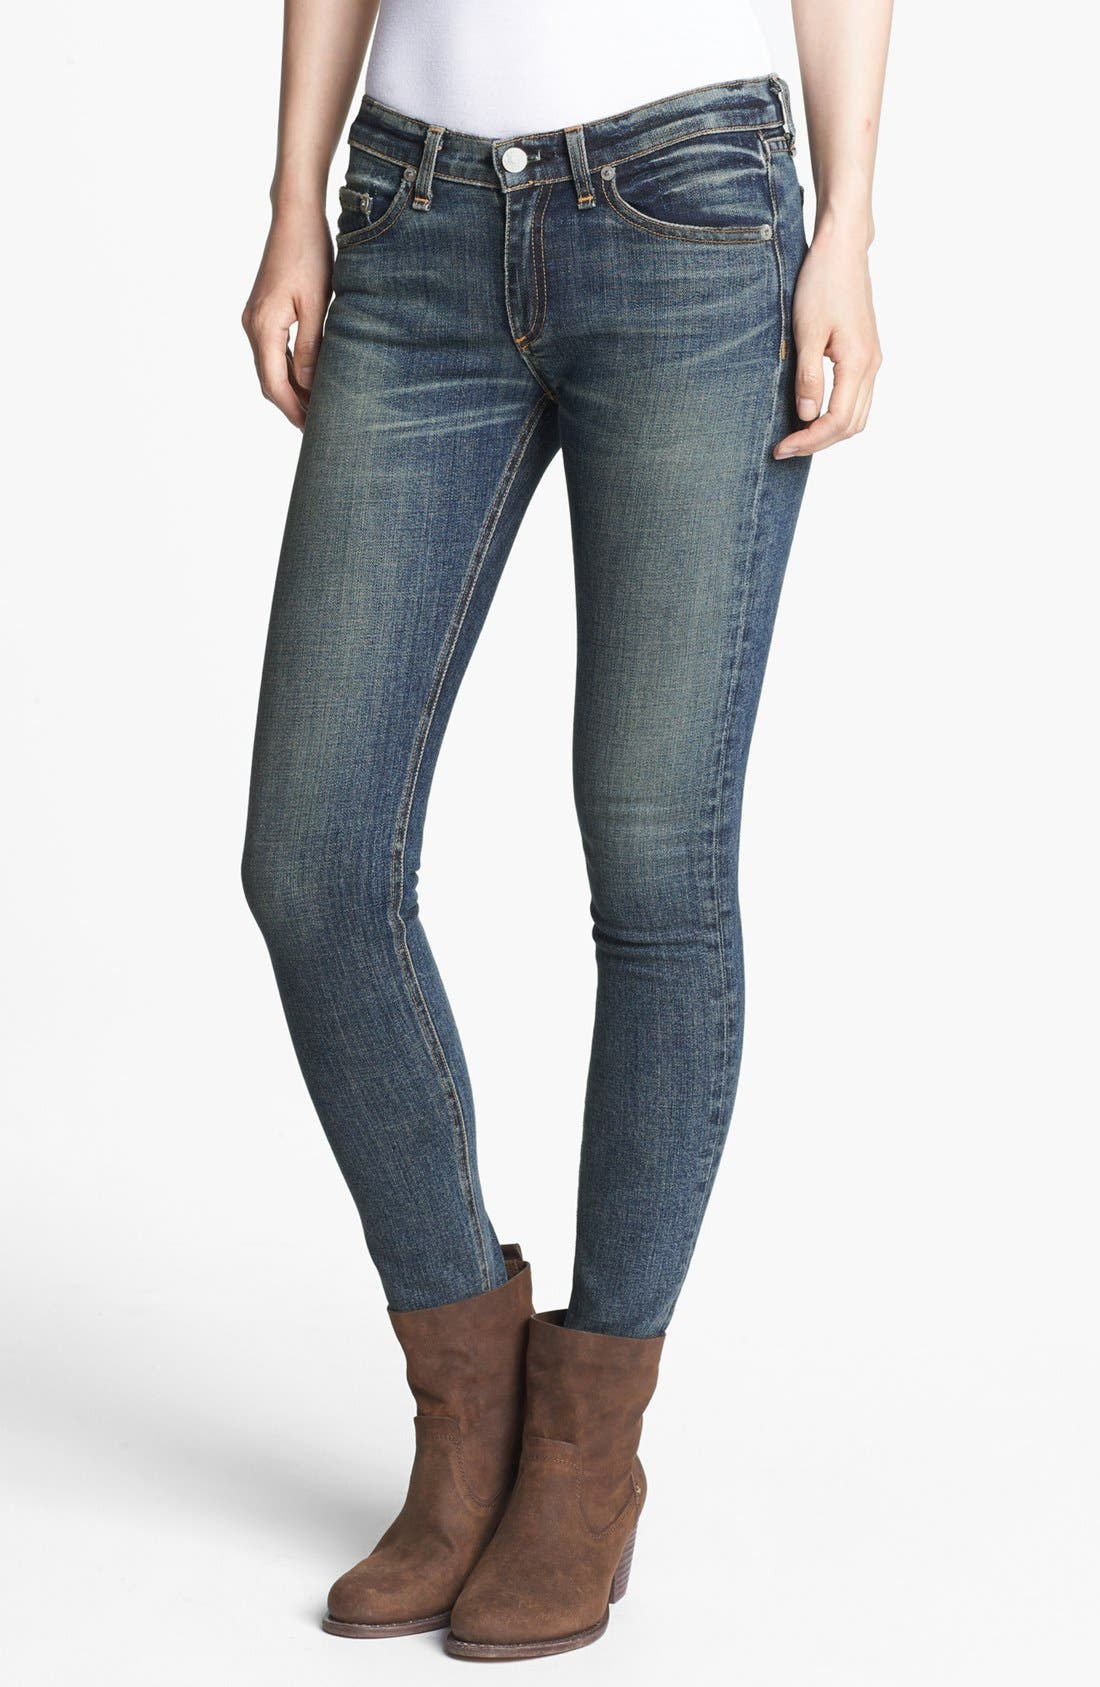 Alternate Image 1 Selected - rag & bone/JEAN Skinny Stretch Jeans